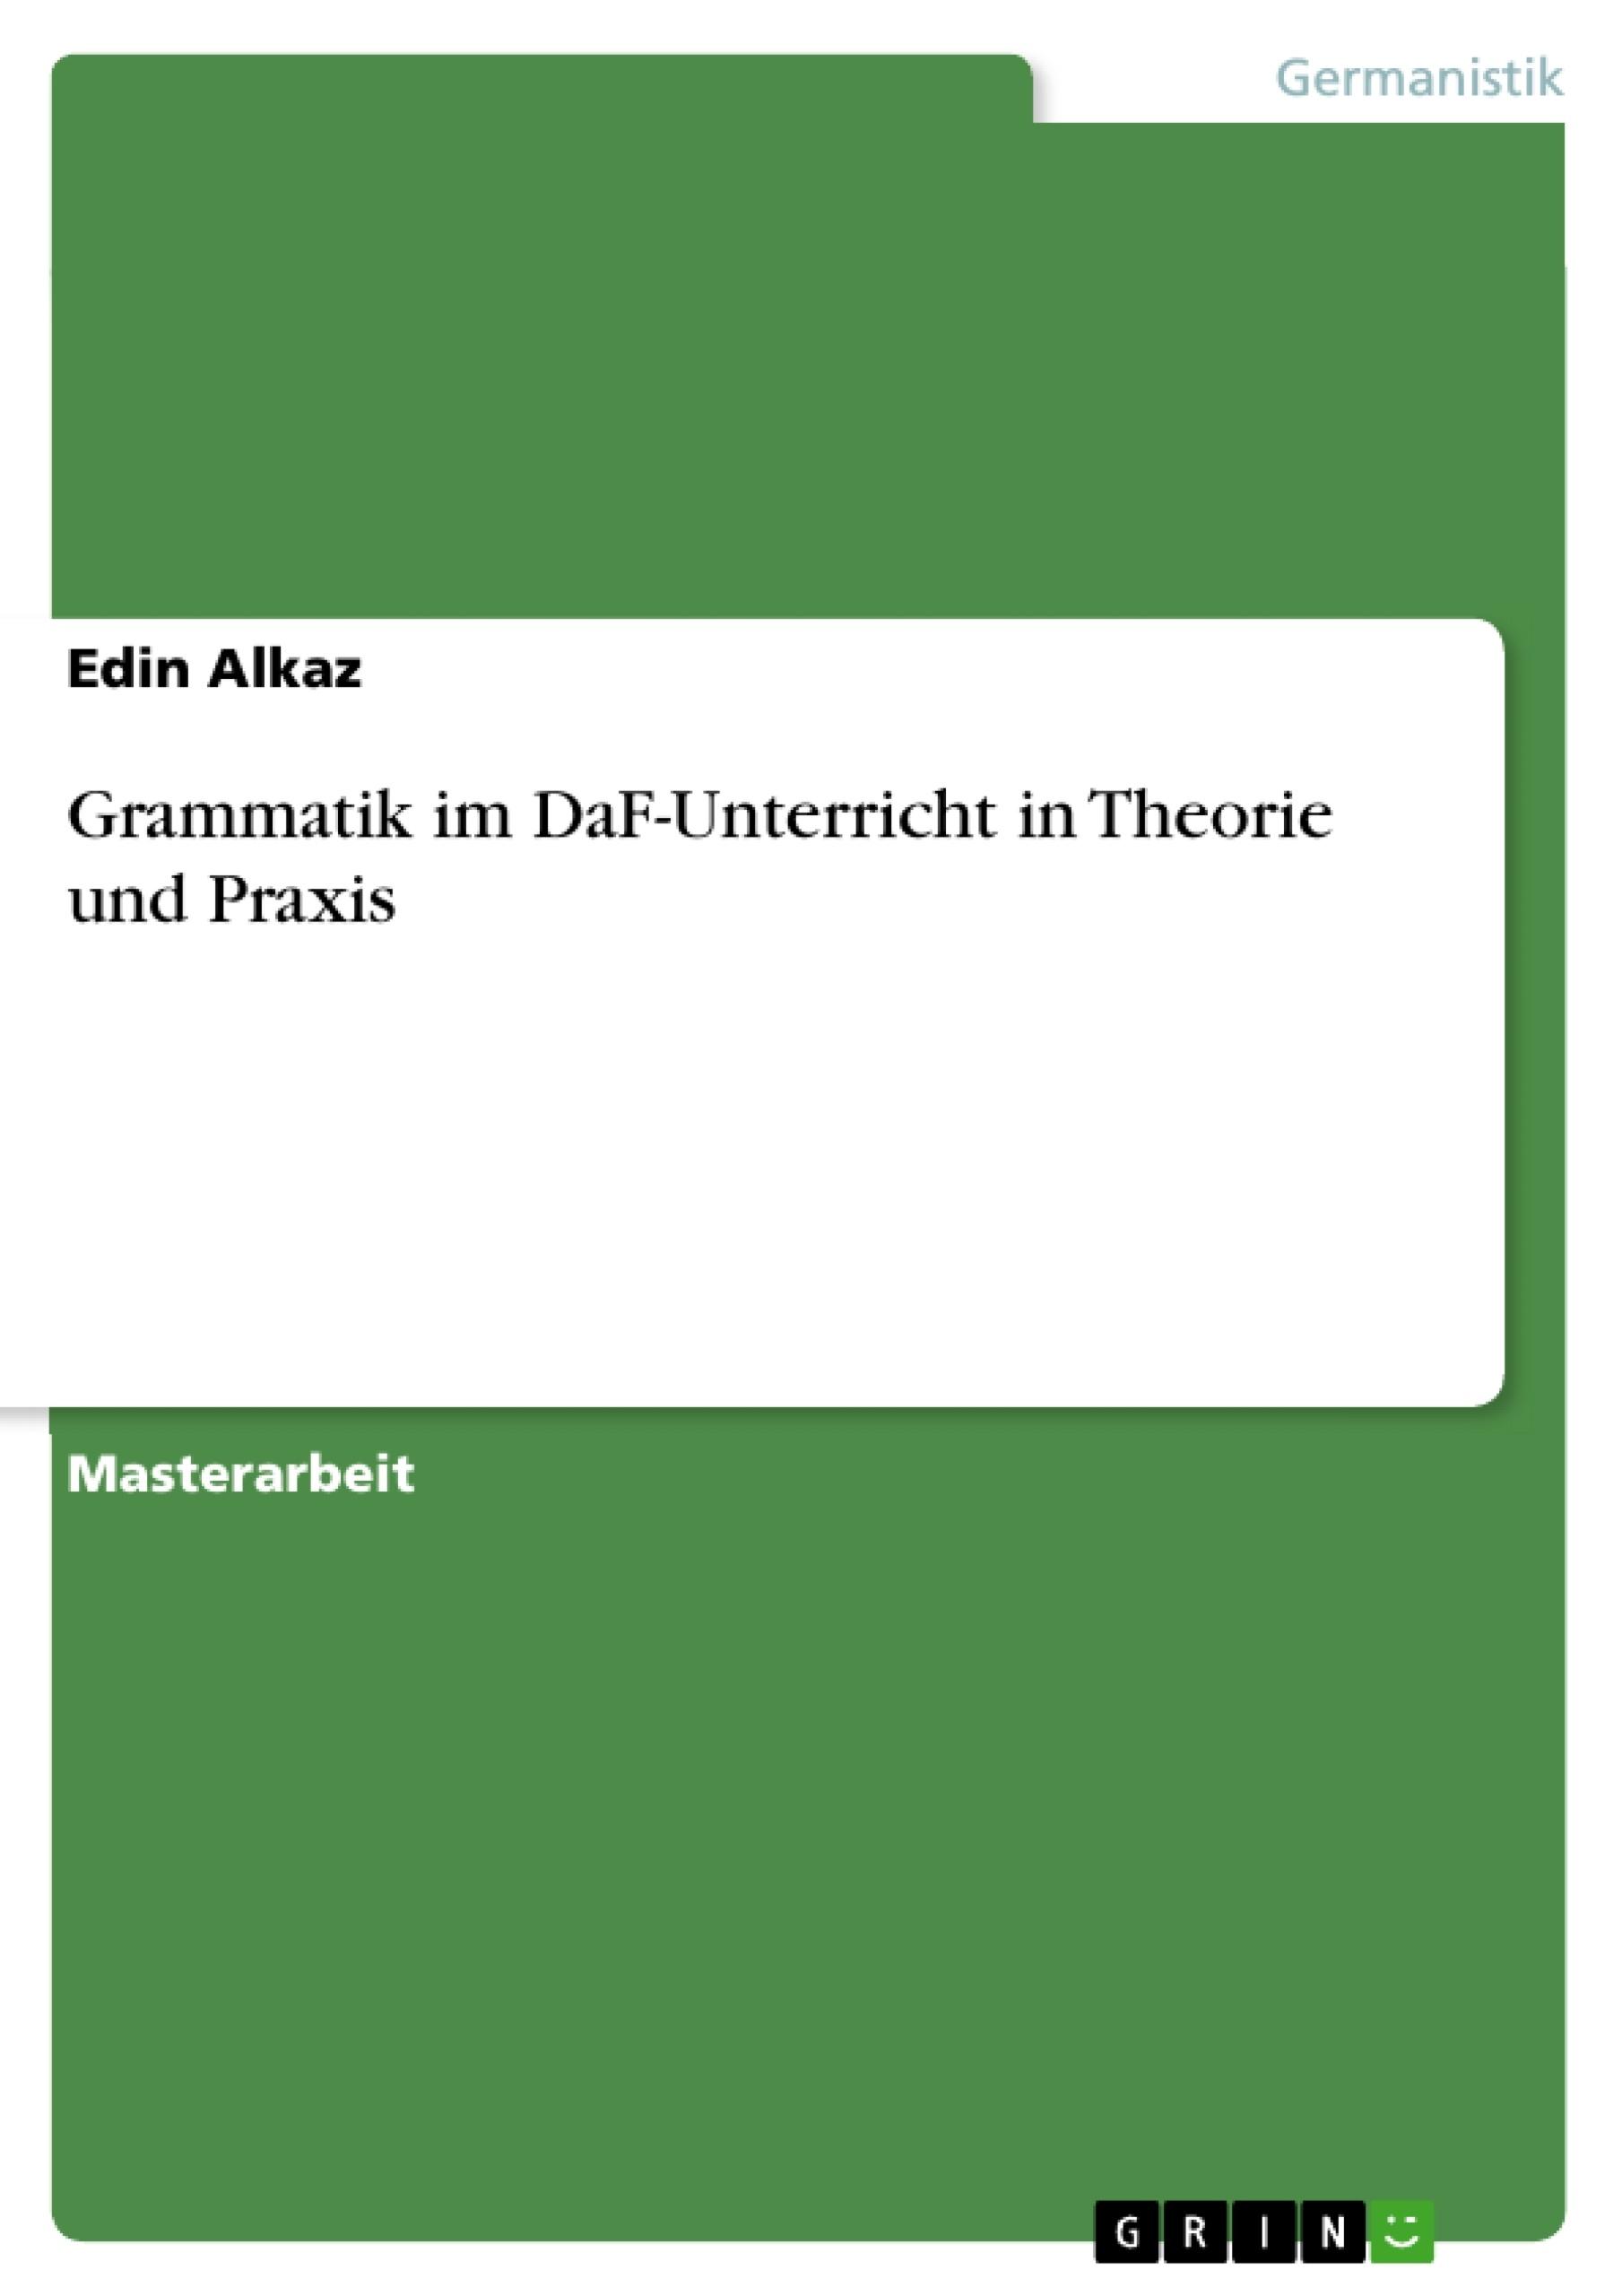 Titel: Grammatik im DaF-Unterricht in Theorie und Praxis